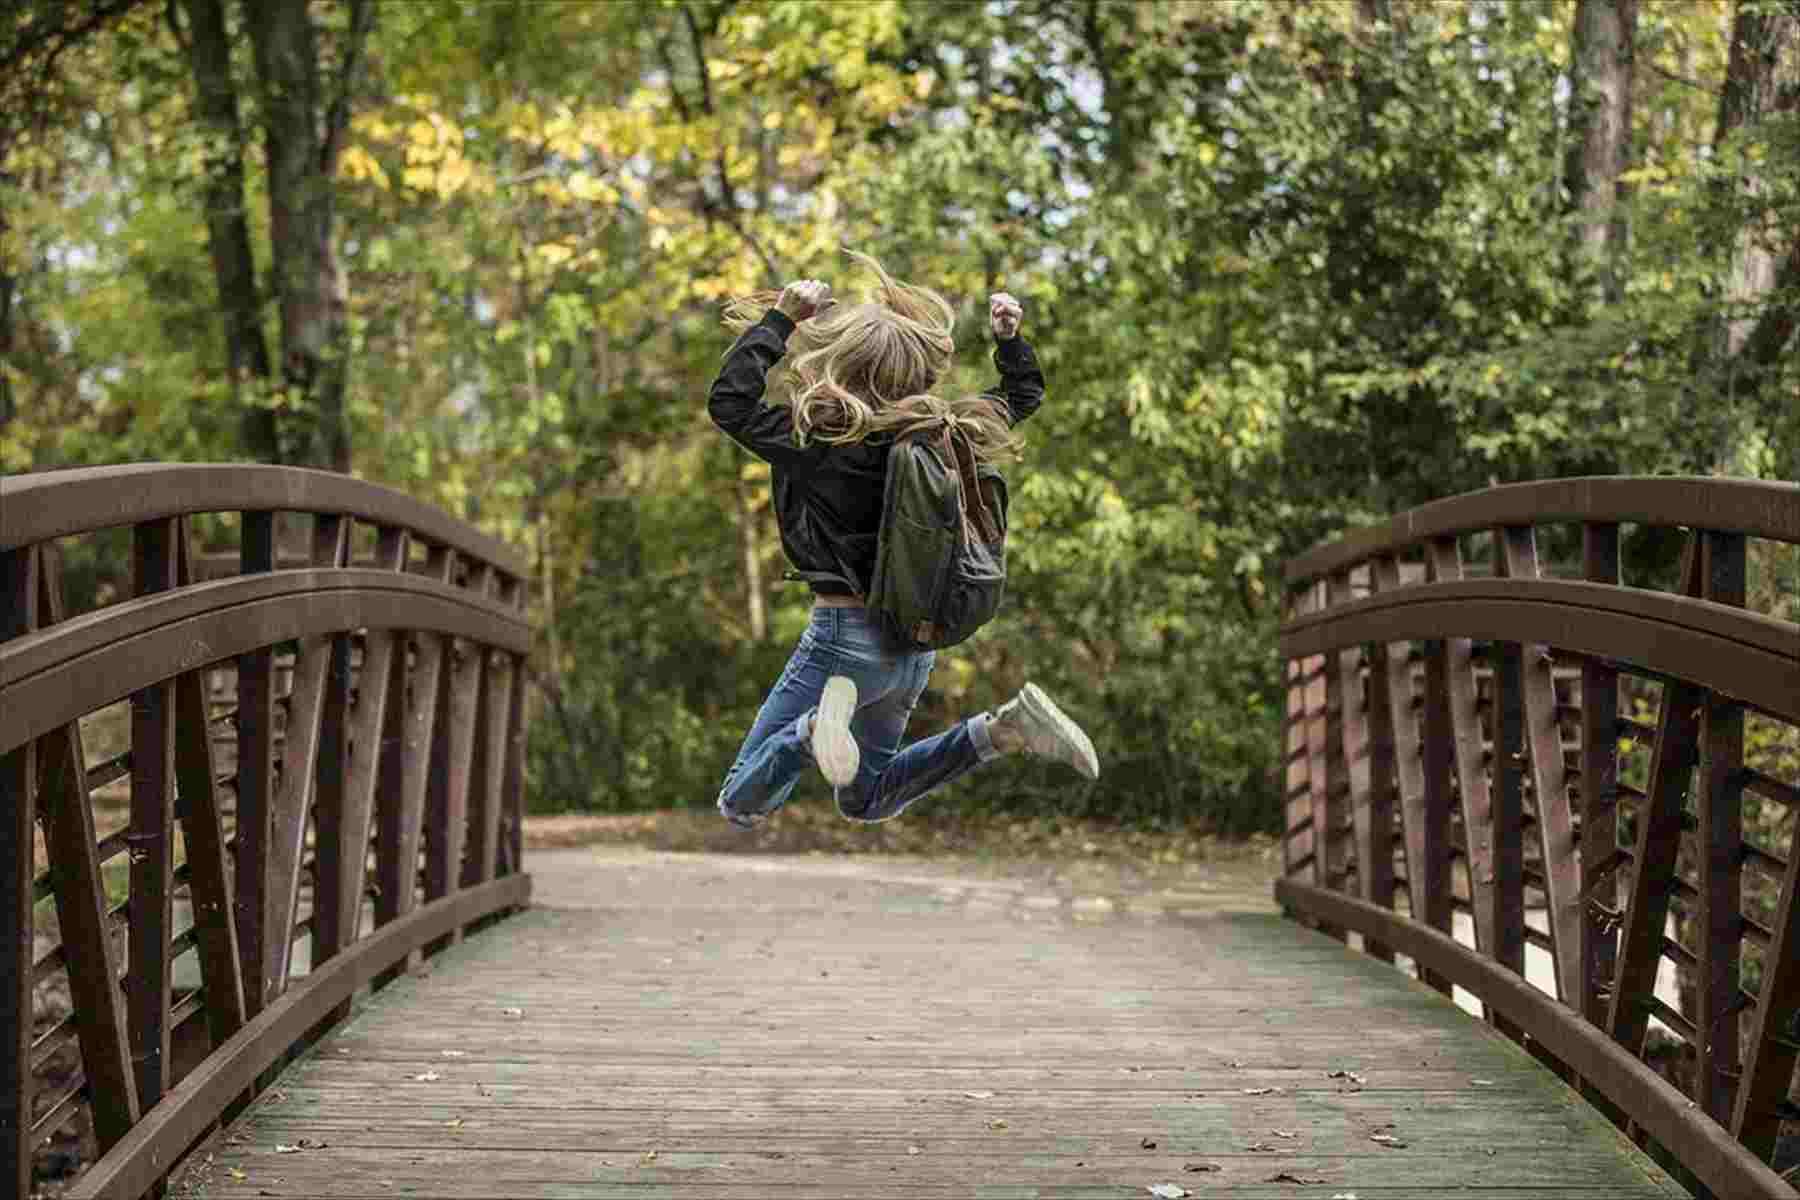 幸せになる生き方~「あなたの人生の源は、ワクワクすることにある」イメージ画像